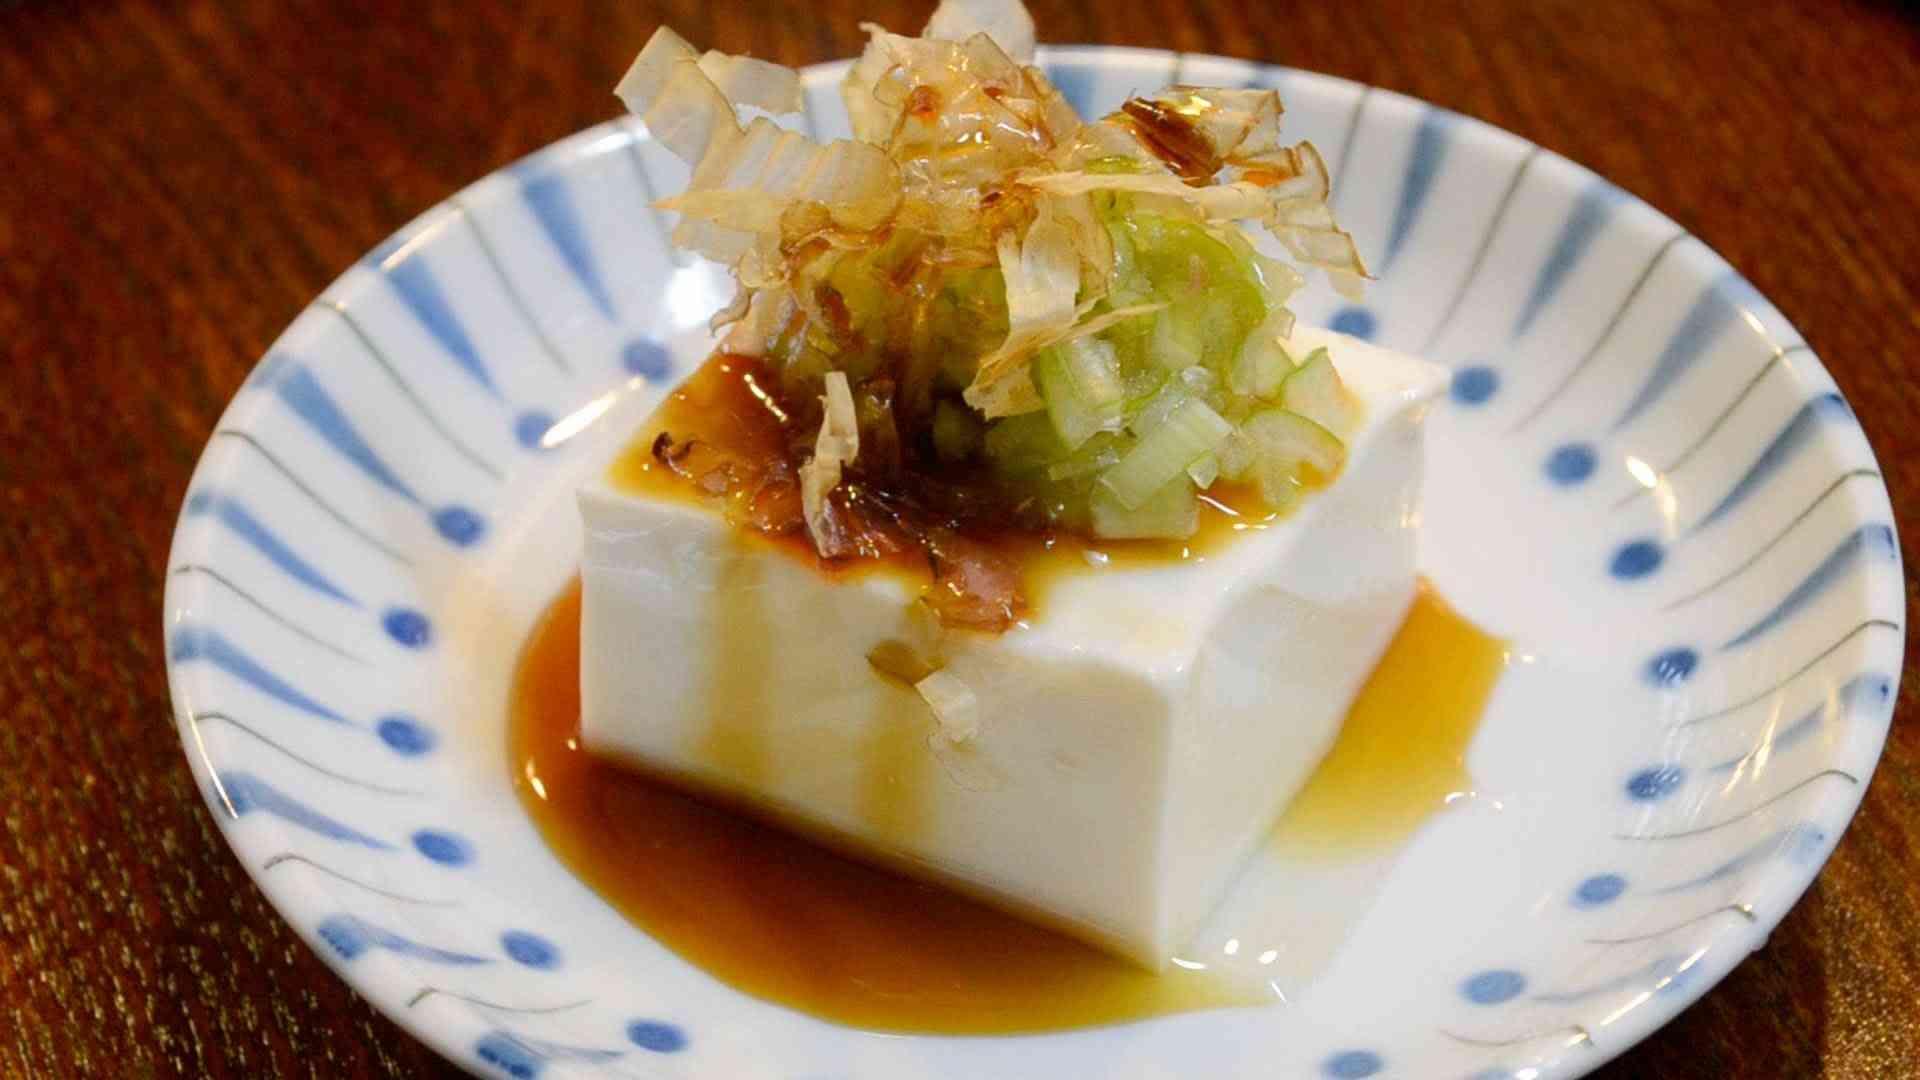 冷奴 おいしい食べ方  How to eat cold tofu - YouTube